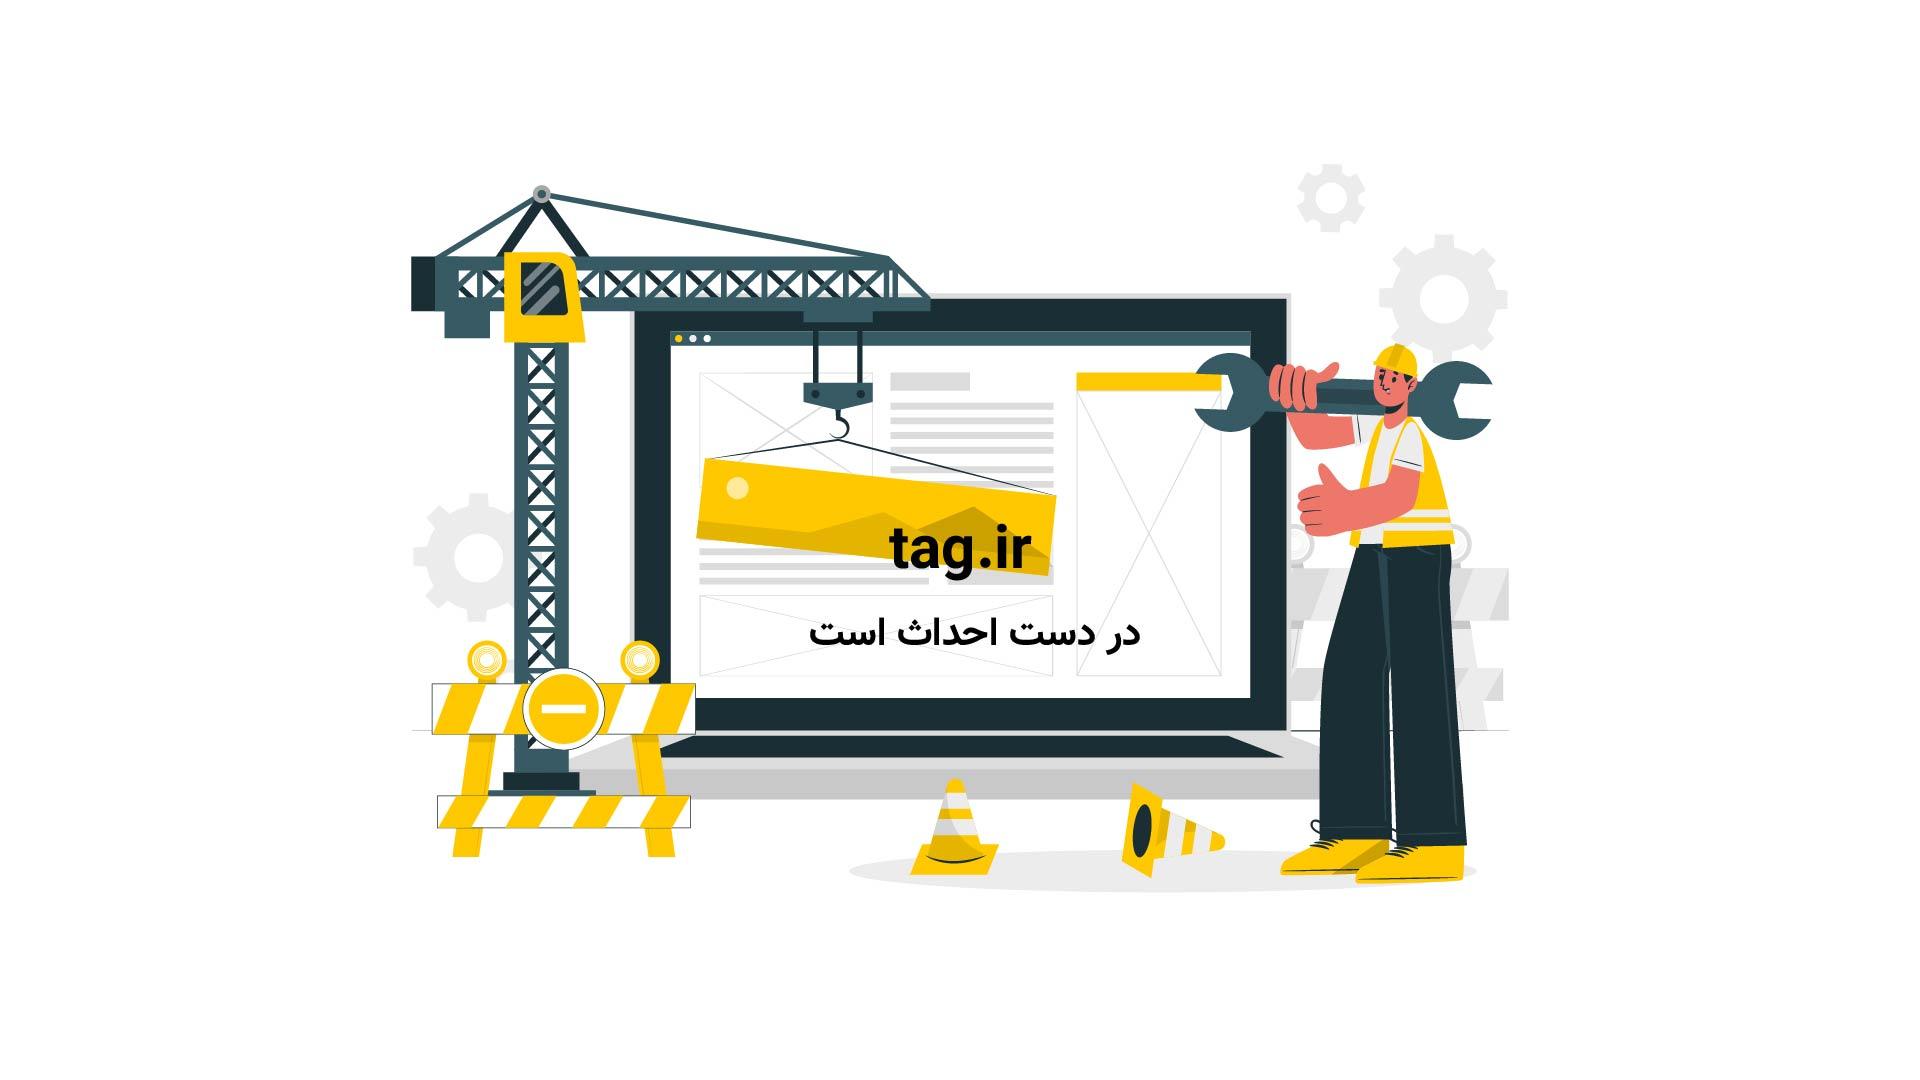 مراسم-شهید-حججی | تگ